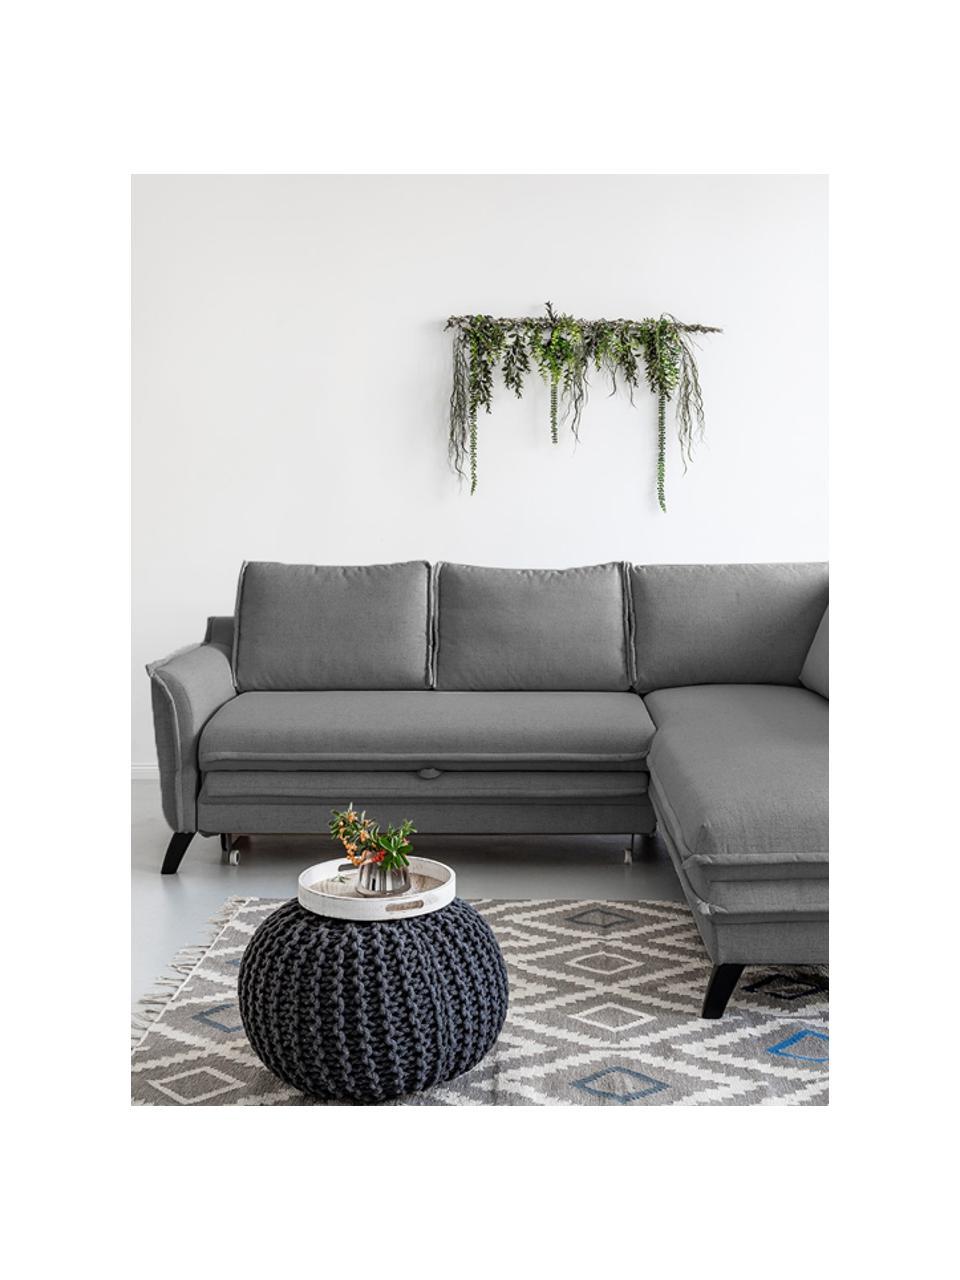 Sofa narożna z funkcją spania Charming Charlie, Tapicerka: 100% poliester, w dotyku , Stelaż: drewno naturalne, płyta w, Szary, S 230 x G 200 cm